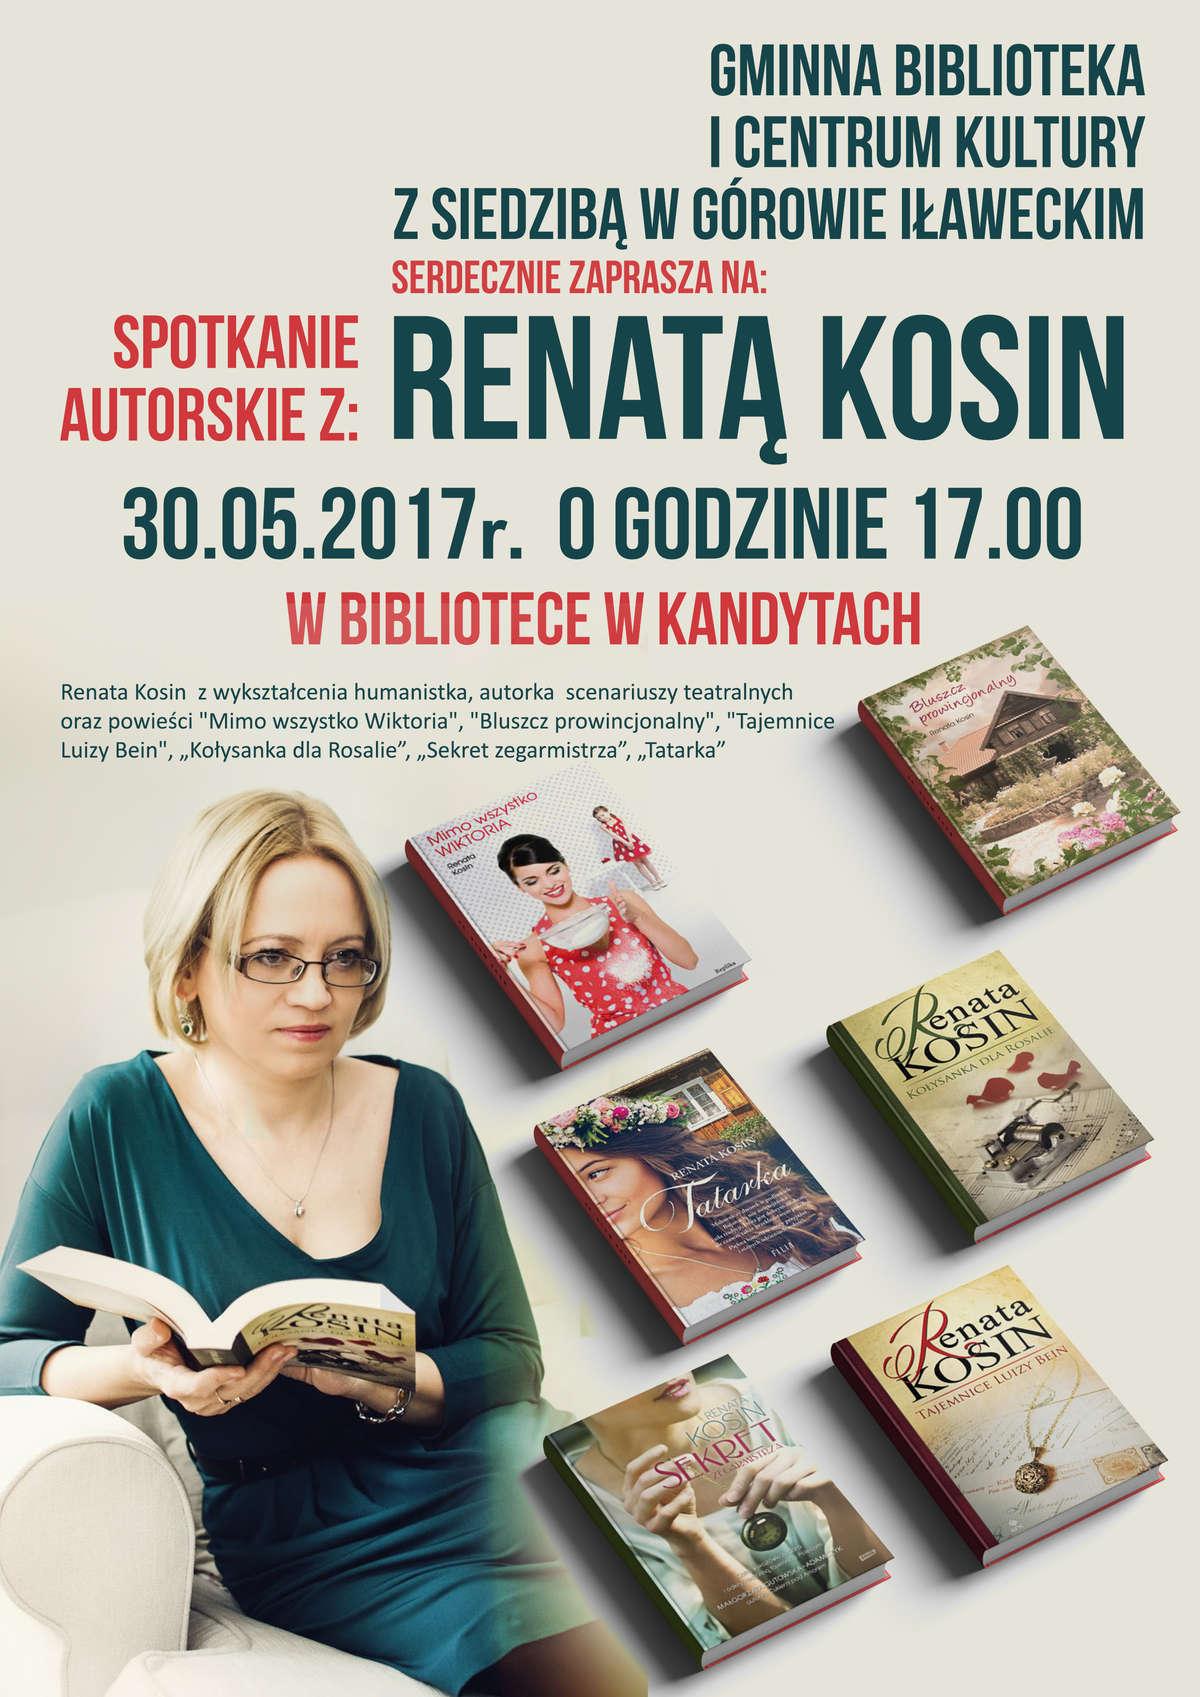 Spotkanie autorskie z Renatą Kosin  - full image